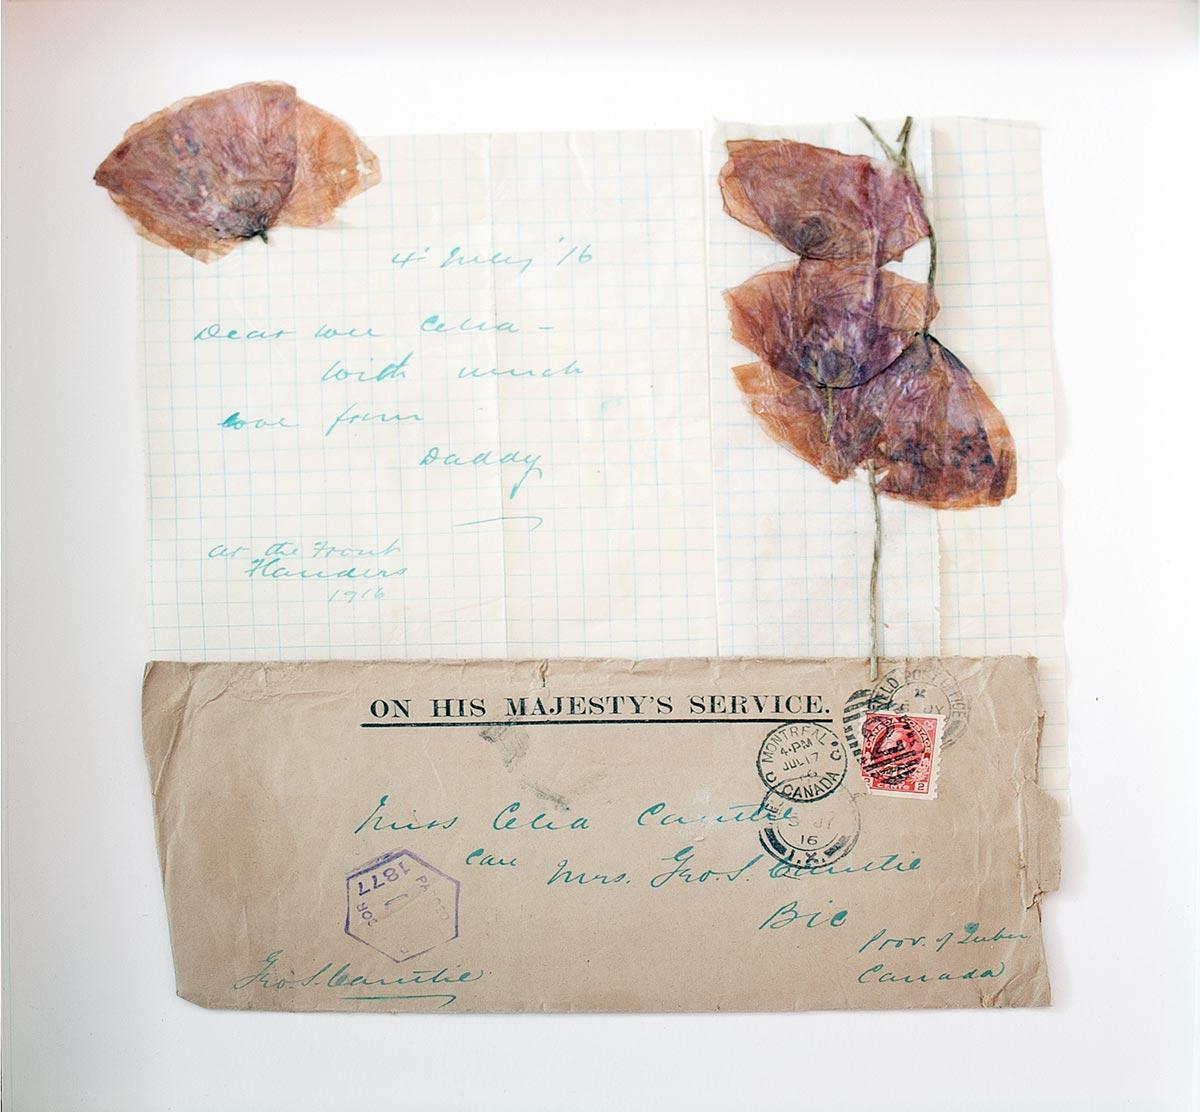 Repos éternel - lettre | Fleurs d'Armes - Une exposition artisitique itinérante | www.fleursdarmes.ca